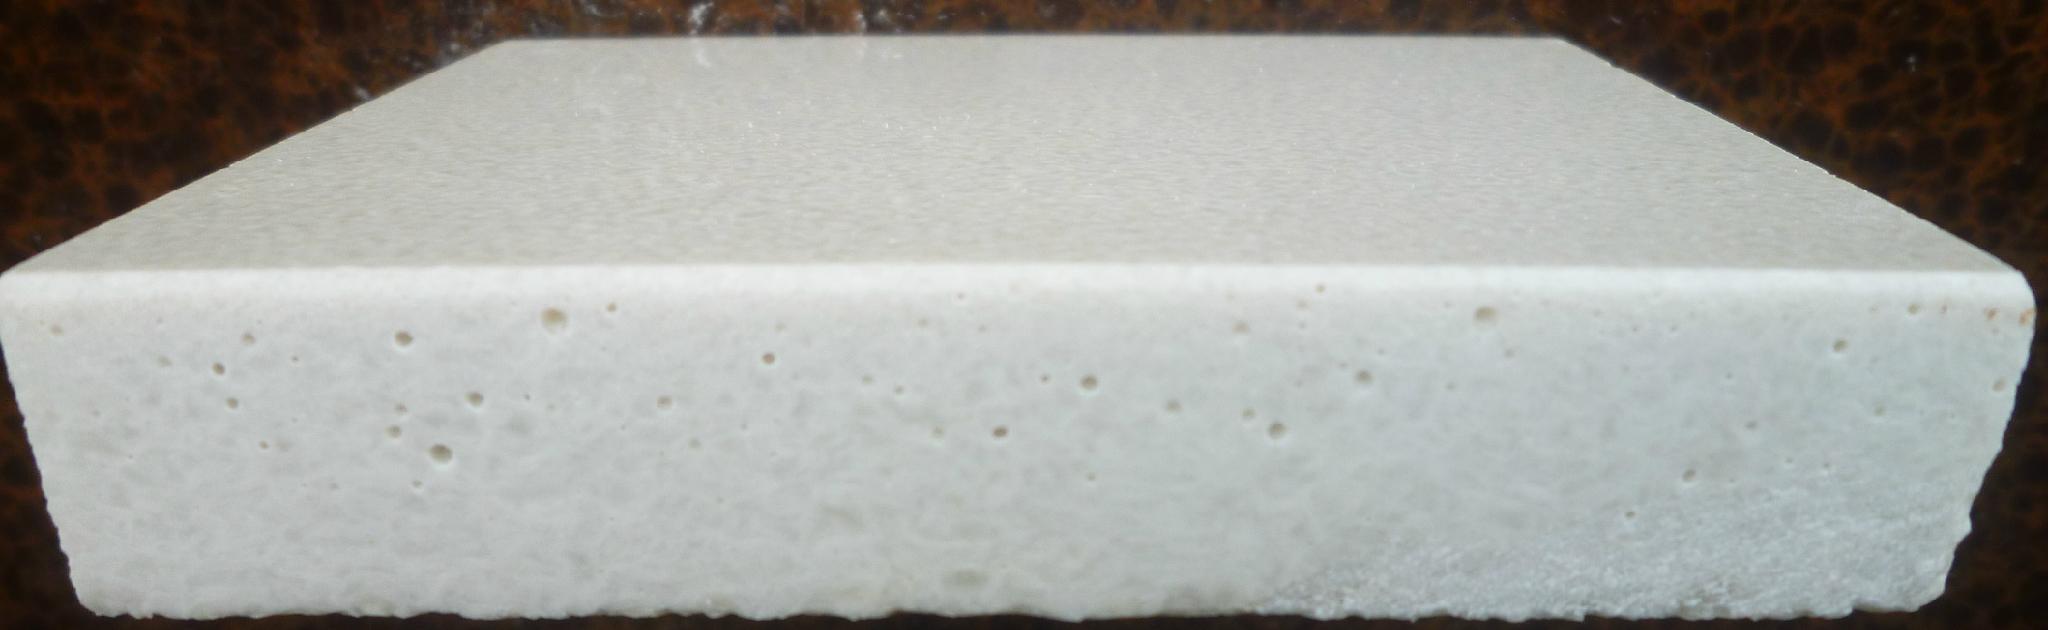 米黃通體微晶石大板佛山生產製造商 2